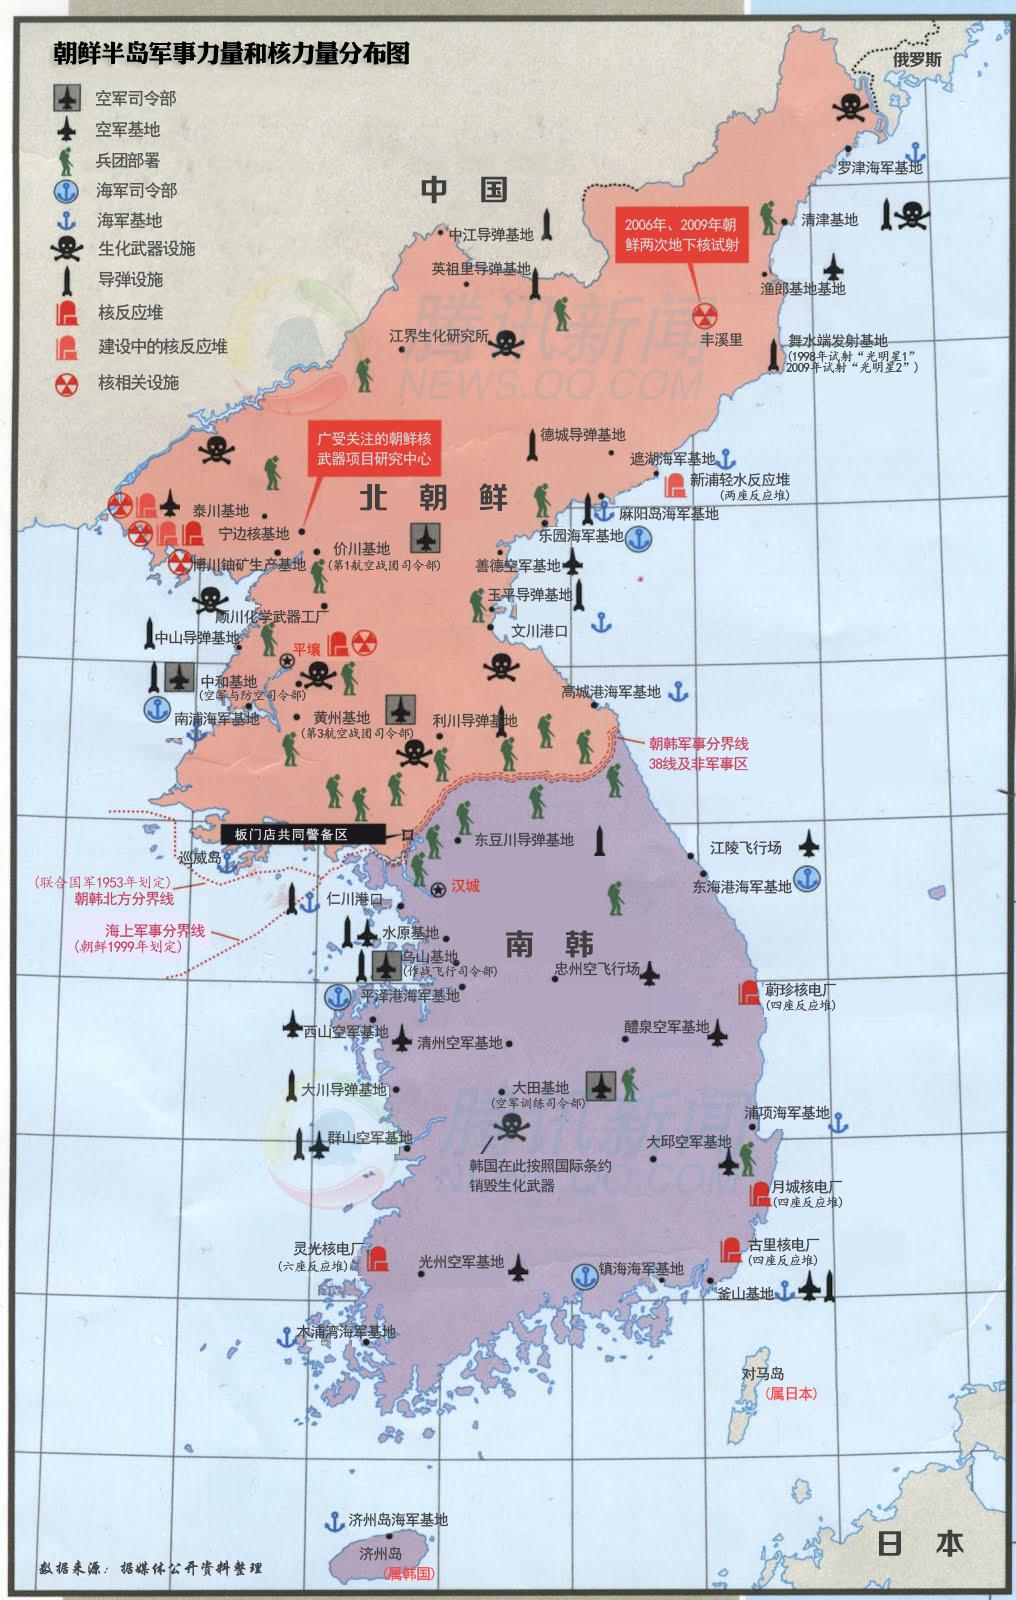 朝韩军事力量和核力量分布图 朝鲜空军约有11万人,装备有朝鲜战争